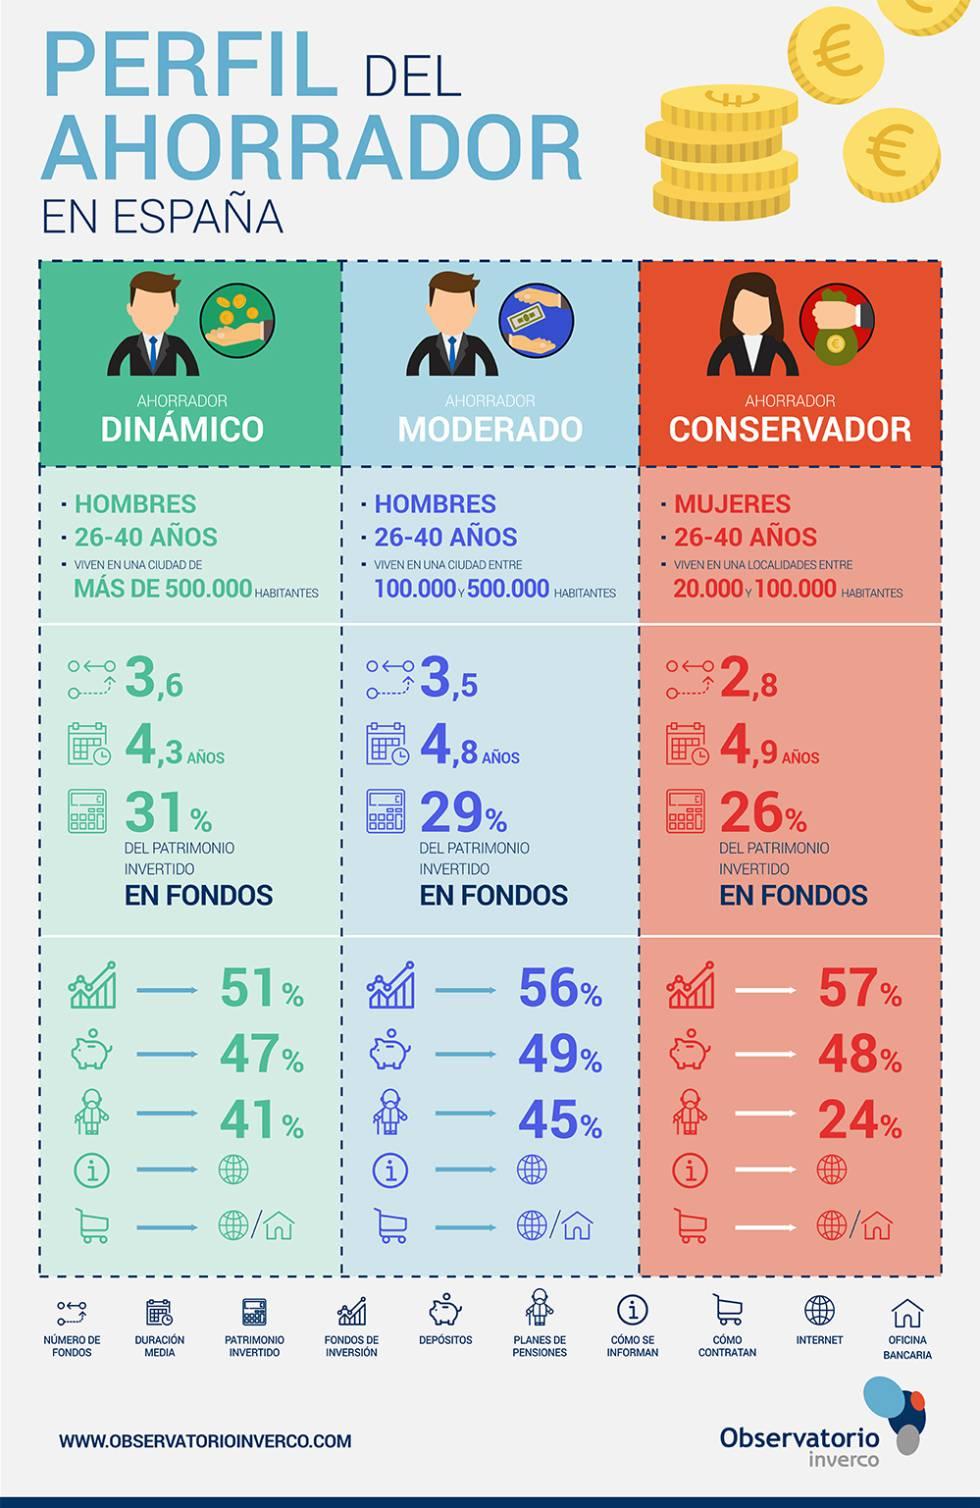 Perfil del ahorrador en España.